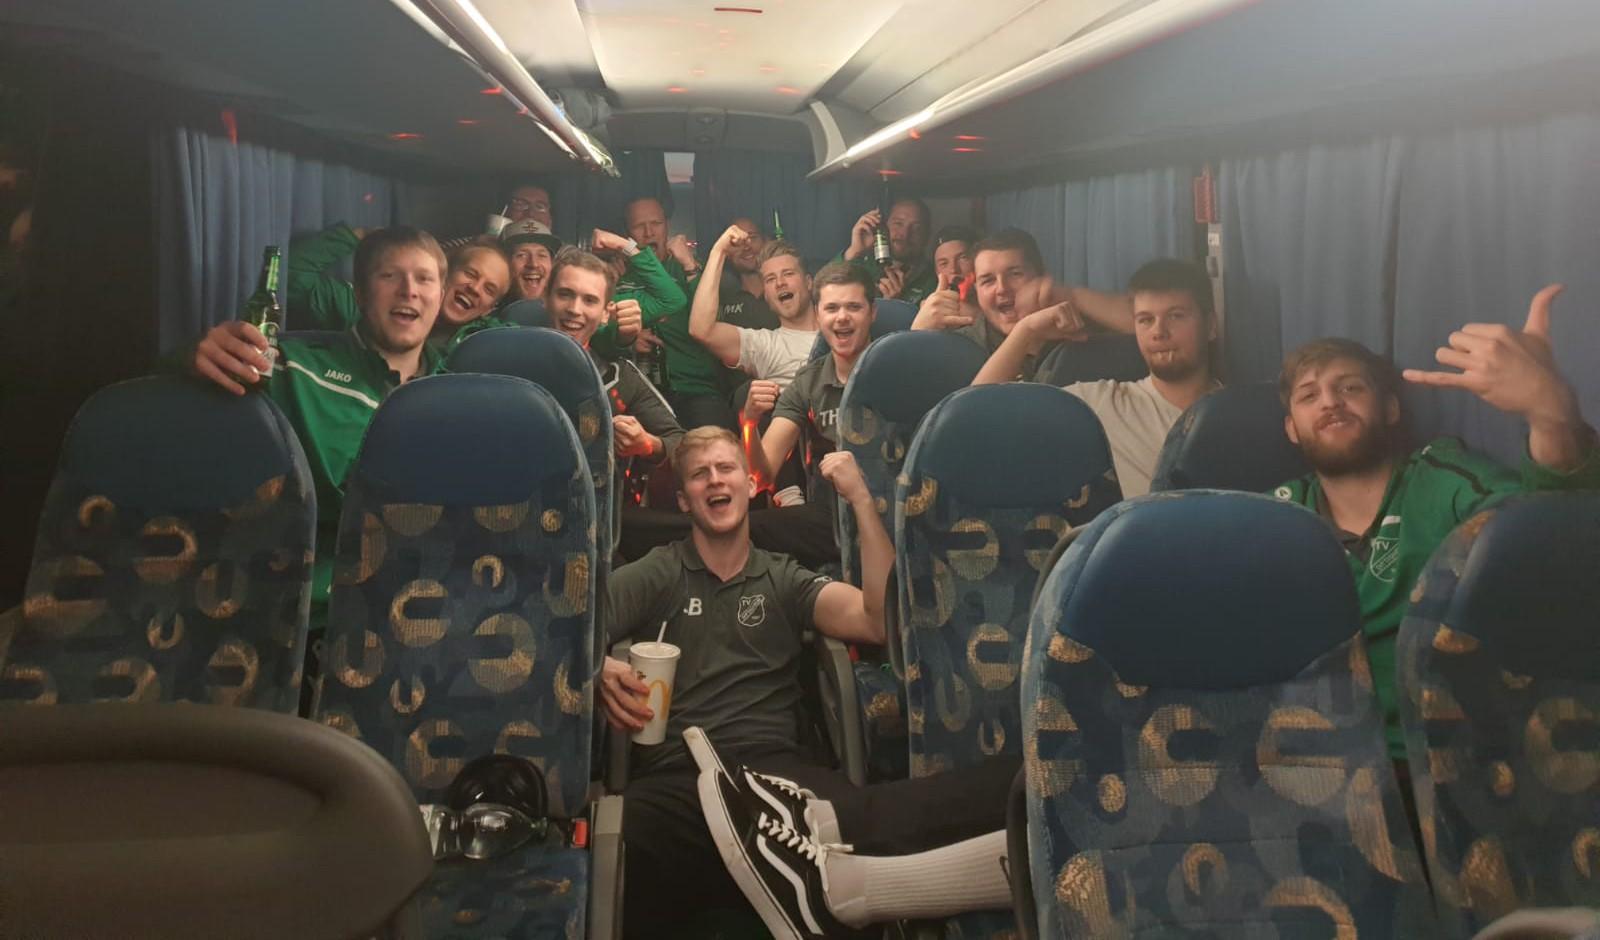 HSG Dittigheim/Tauberbischofsheim feiert einen Auswärtssieg beim letzten Heimspiel in Wiesloch